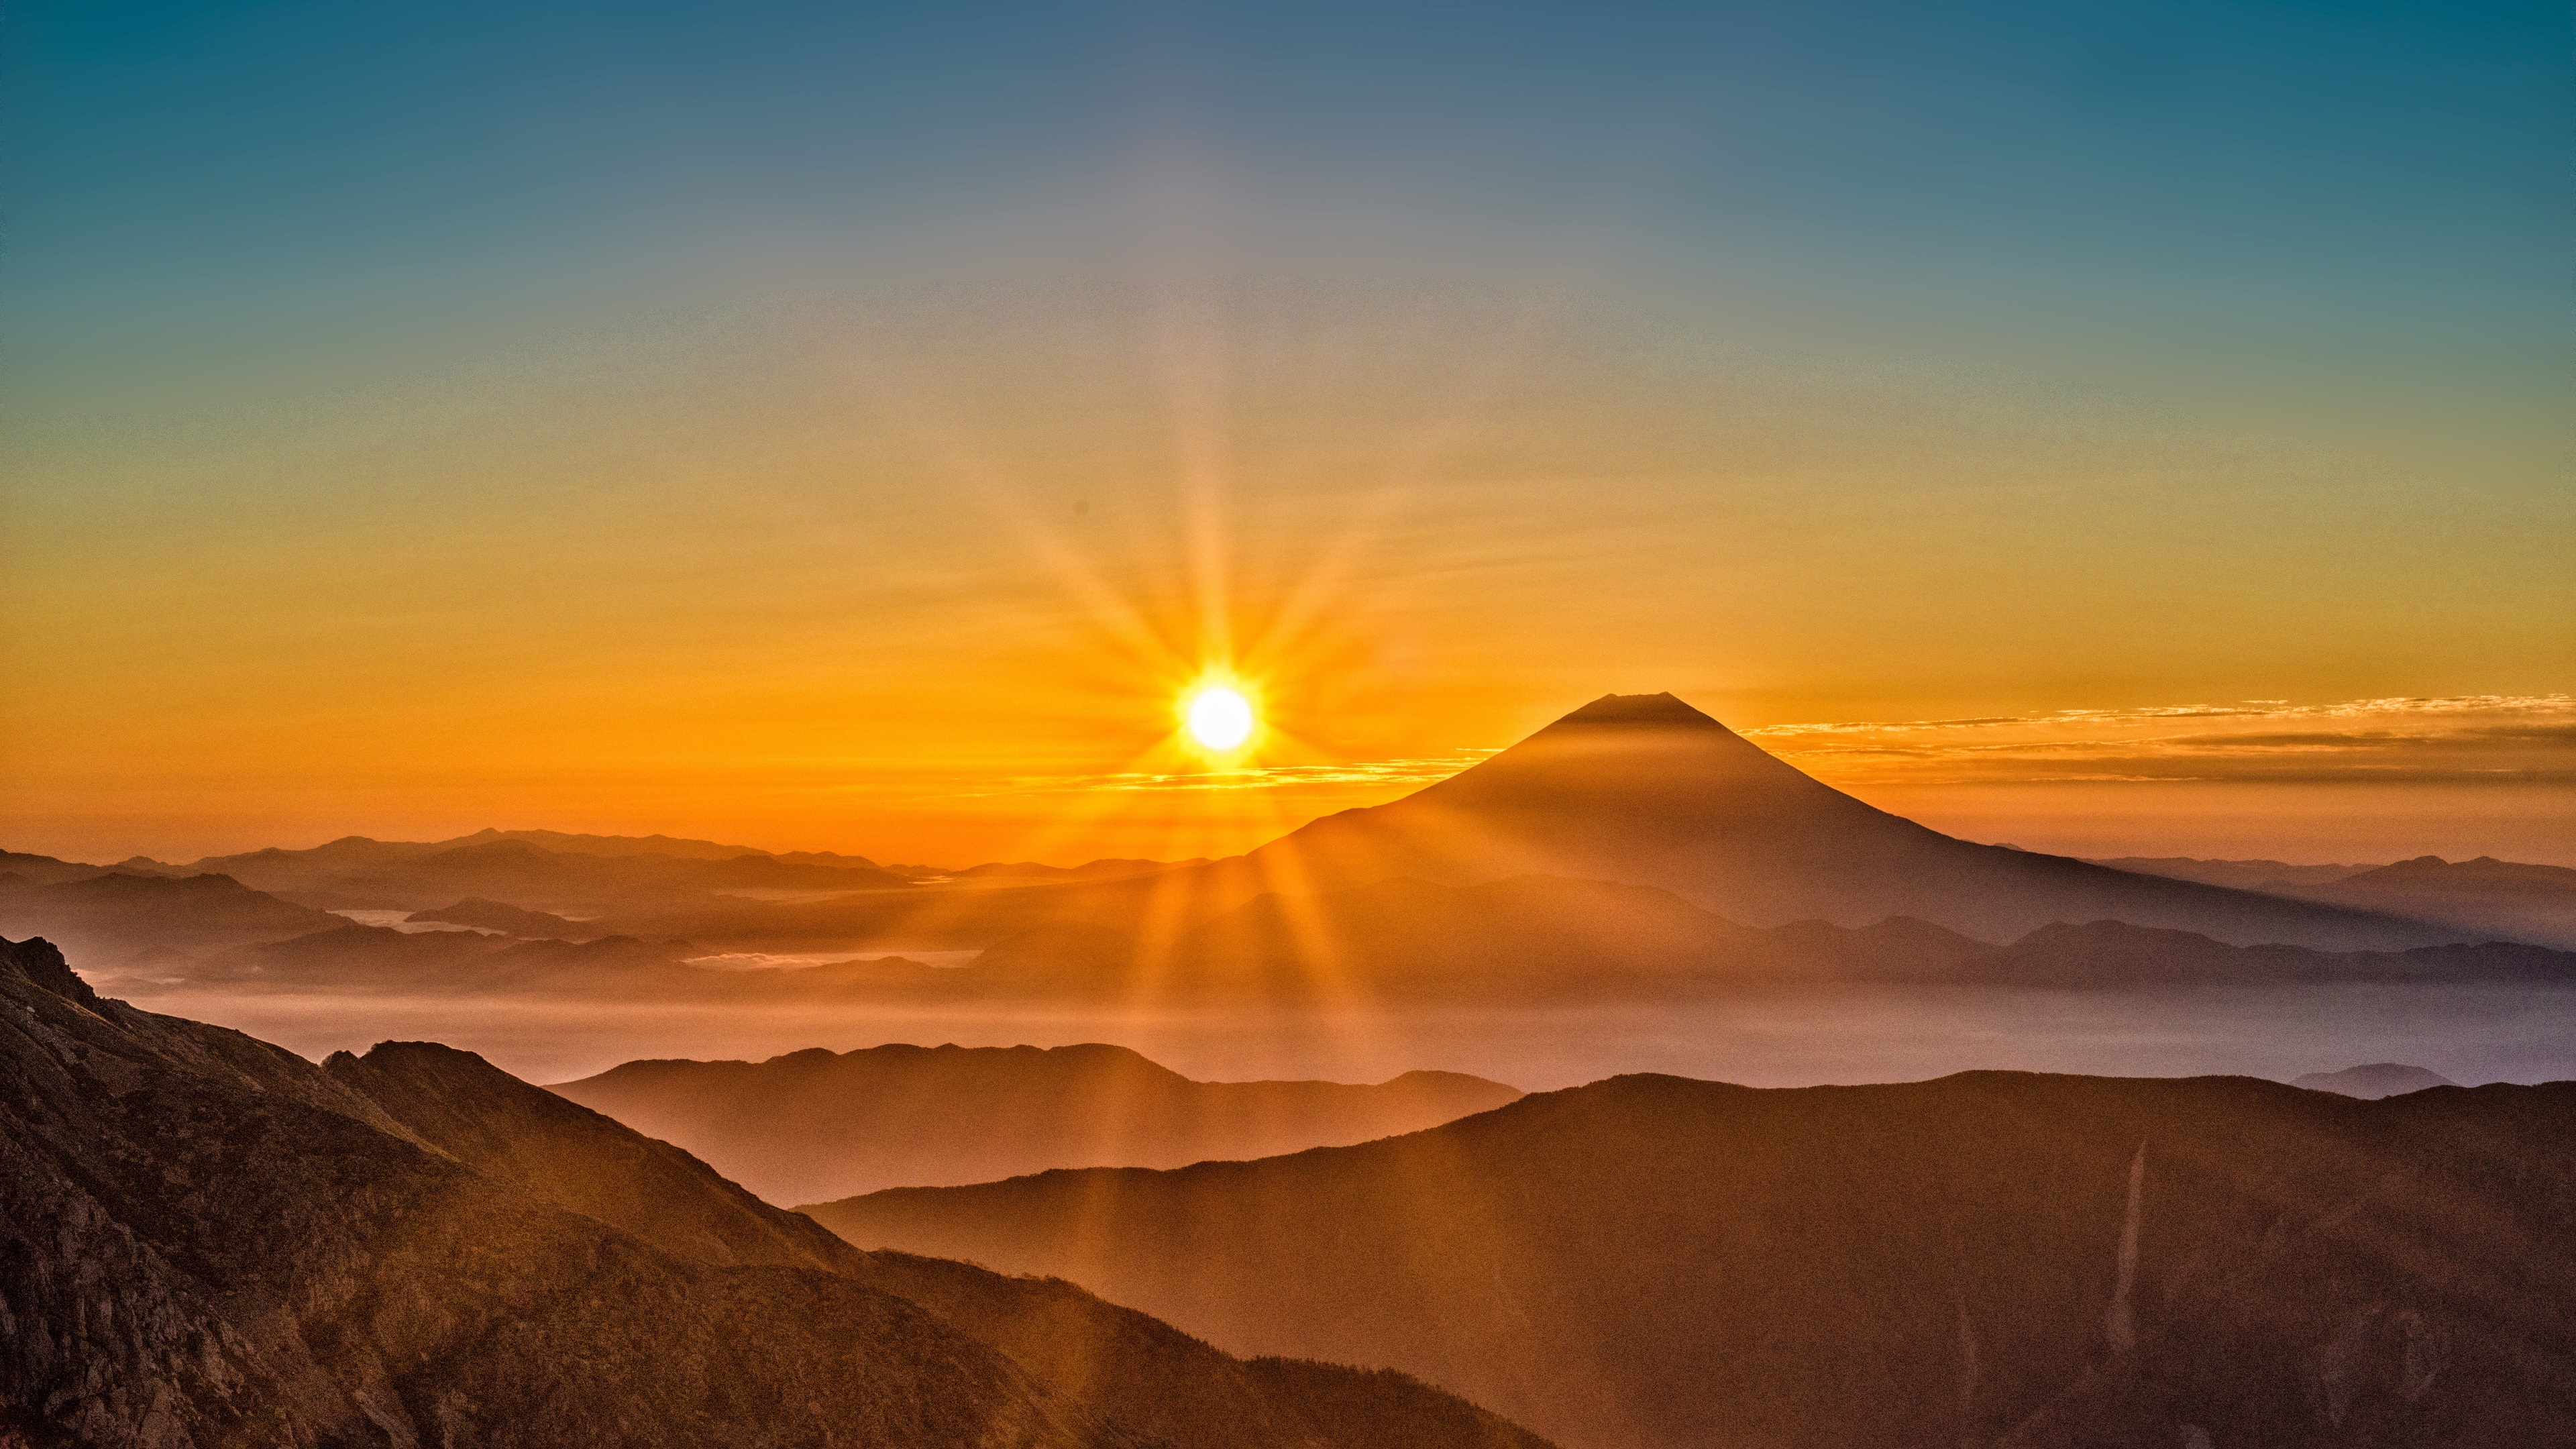 壁紙 富士山 日の出 霧 山 日本 3840x2160 Uhd 4k 無料のデスクトップの背景 画像